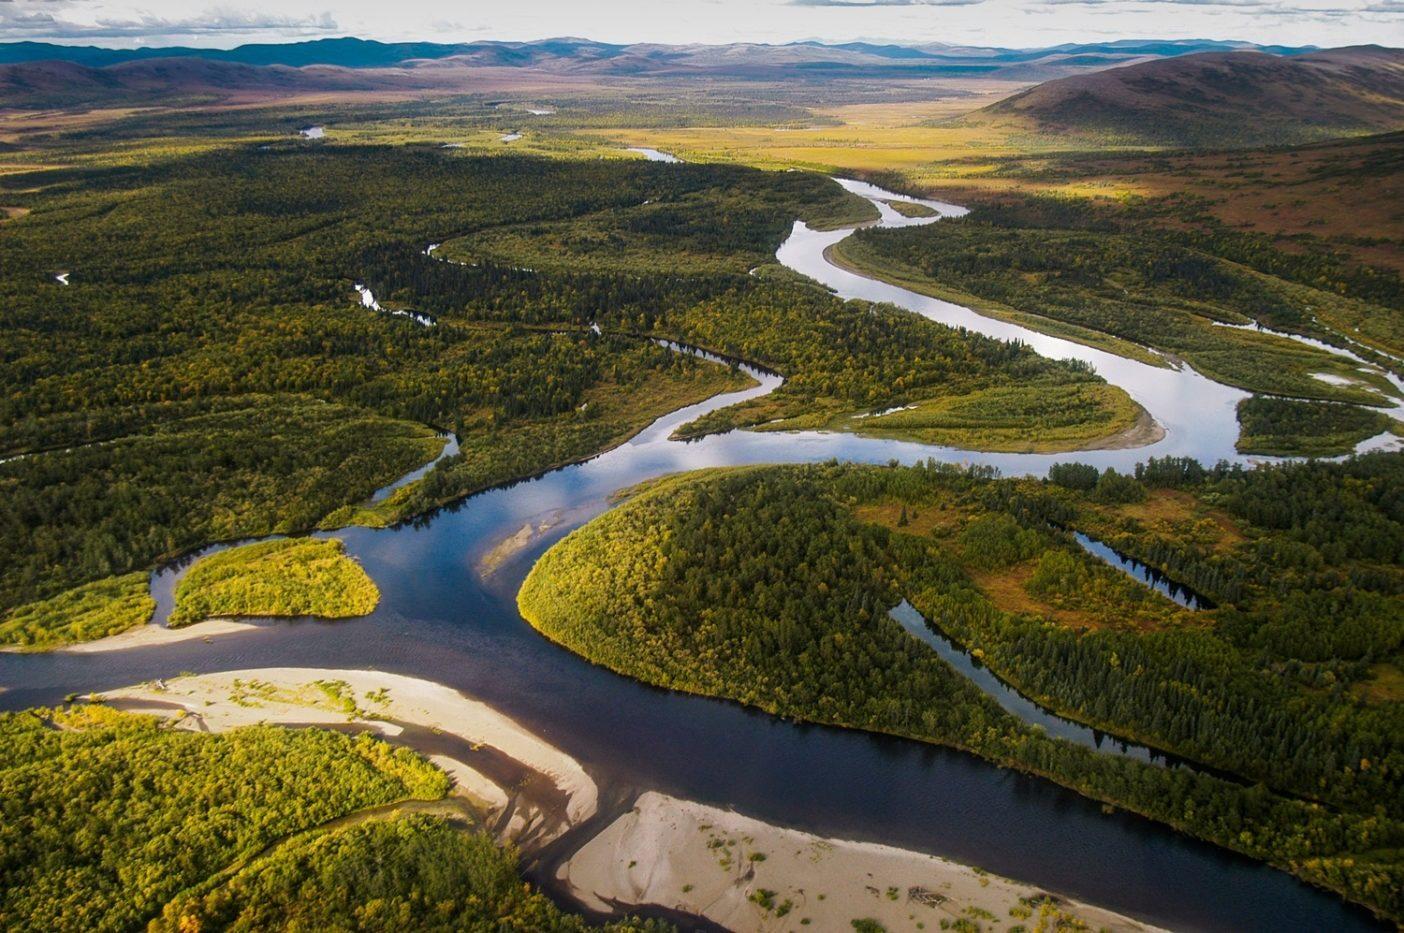 ヌシャガク川の航空写真。ペブルマインはブリストル湾に流れ込む8つの主要な河川の2つであるヌシャガクとキヴィチャック川の源流に位置することになる。写真:Ryan Peterson